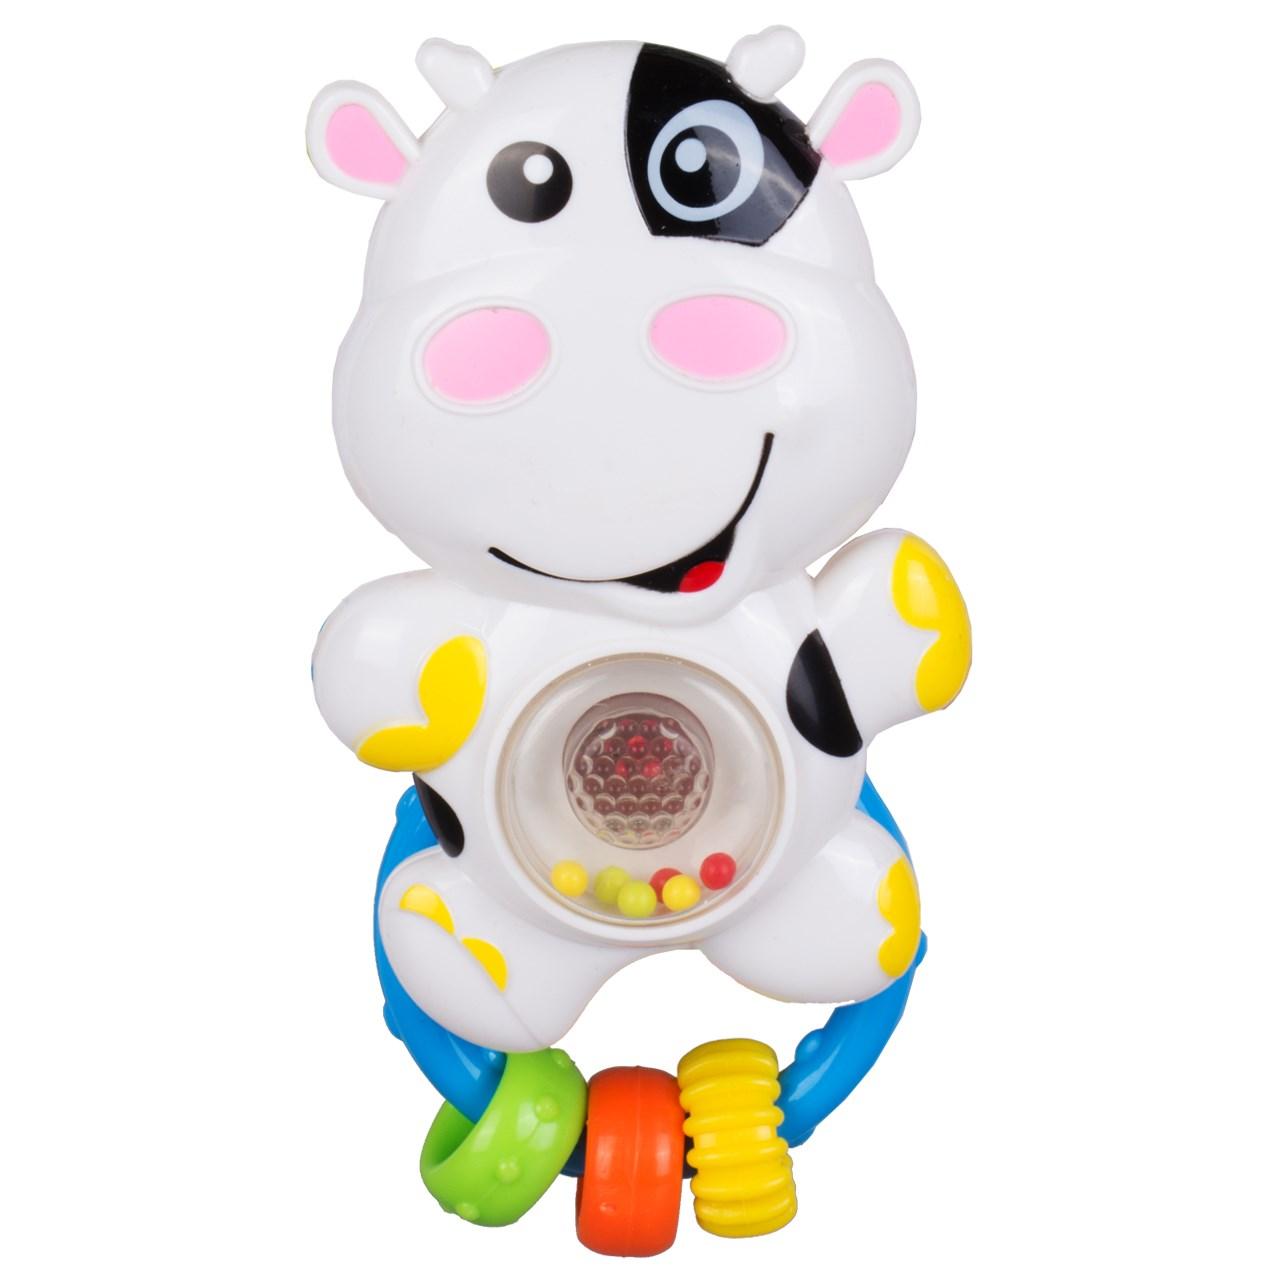 جغجغه موزیکال دیگو مدل گاو